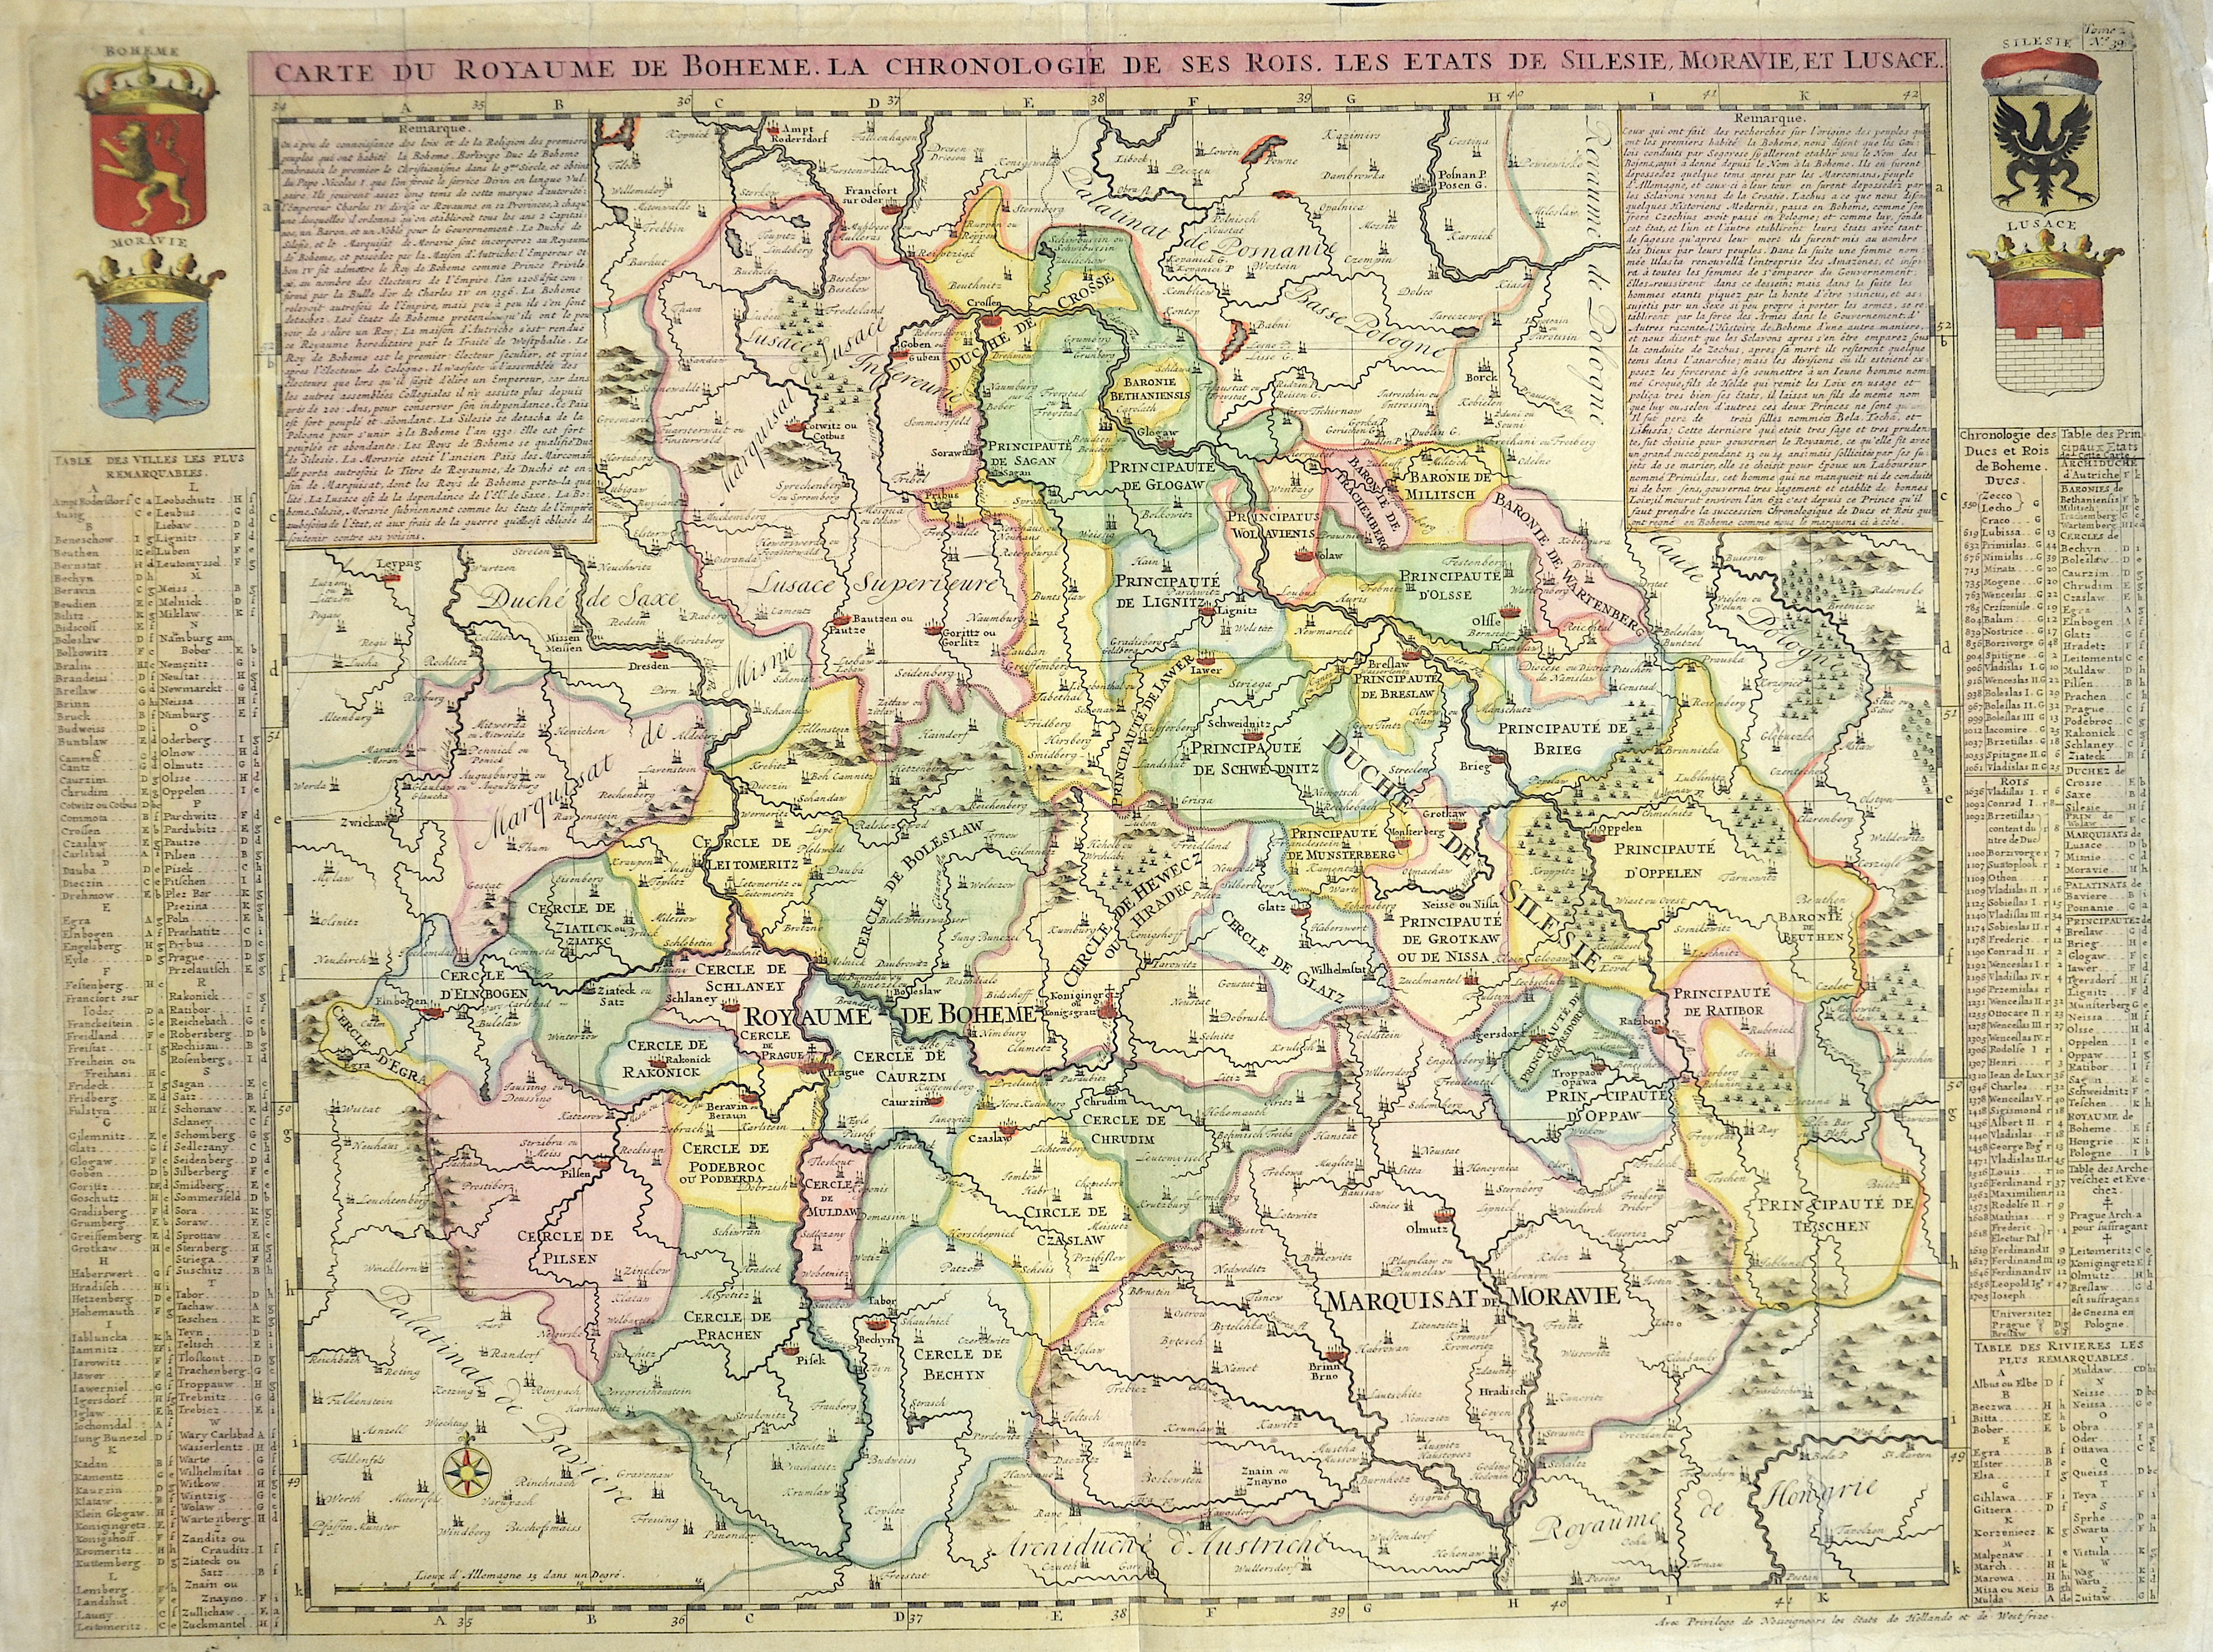 Chatelain  Carte du Royaume de Boheme la chronologie de ses Rois, les etats e Silesie, Moravie, et Lusace